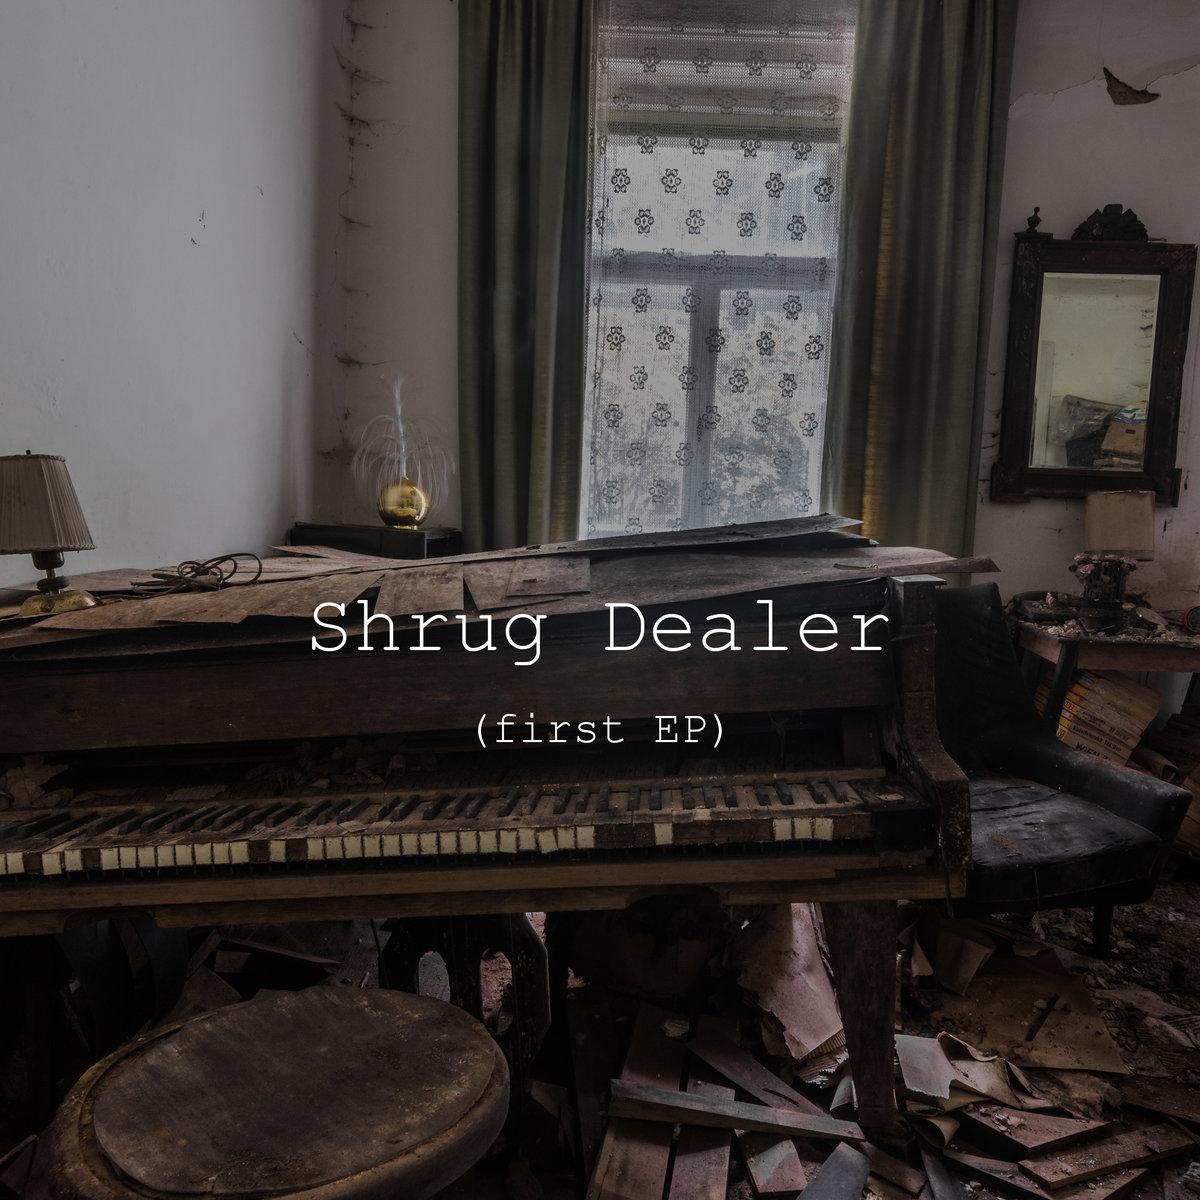 Shrug Dealer (first EP)